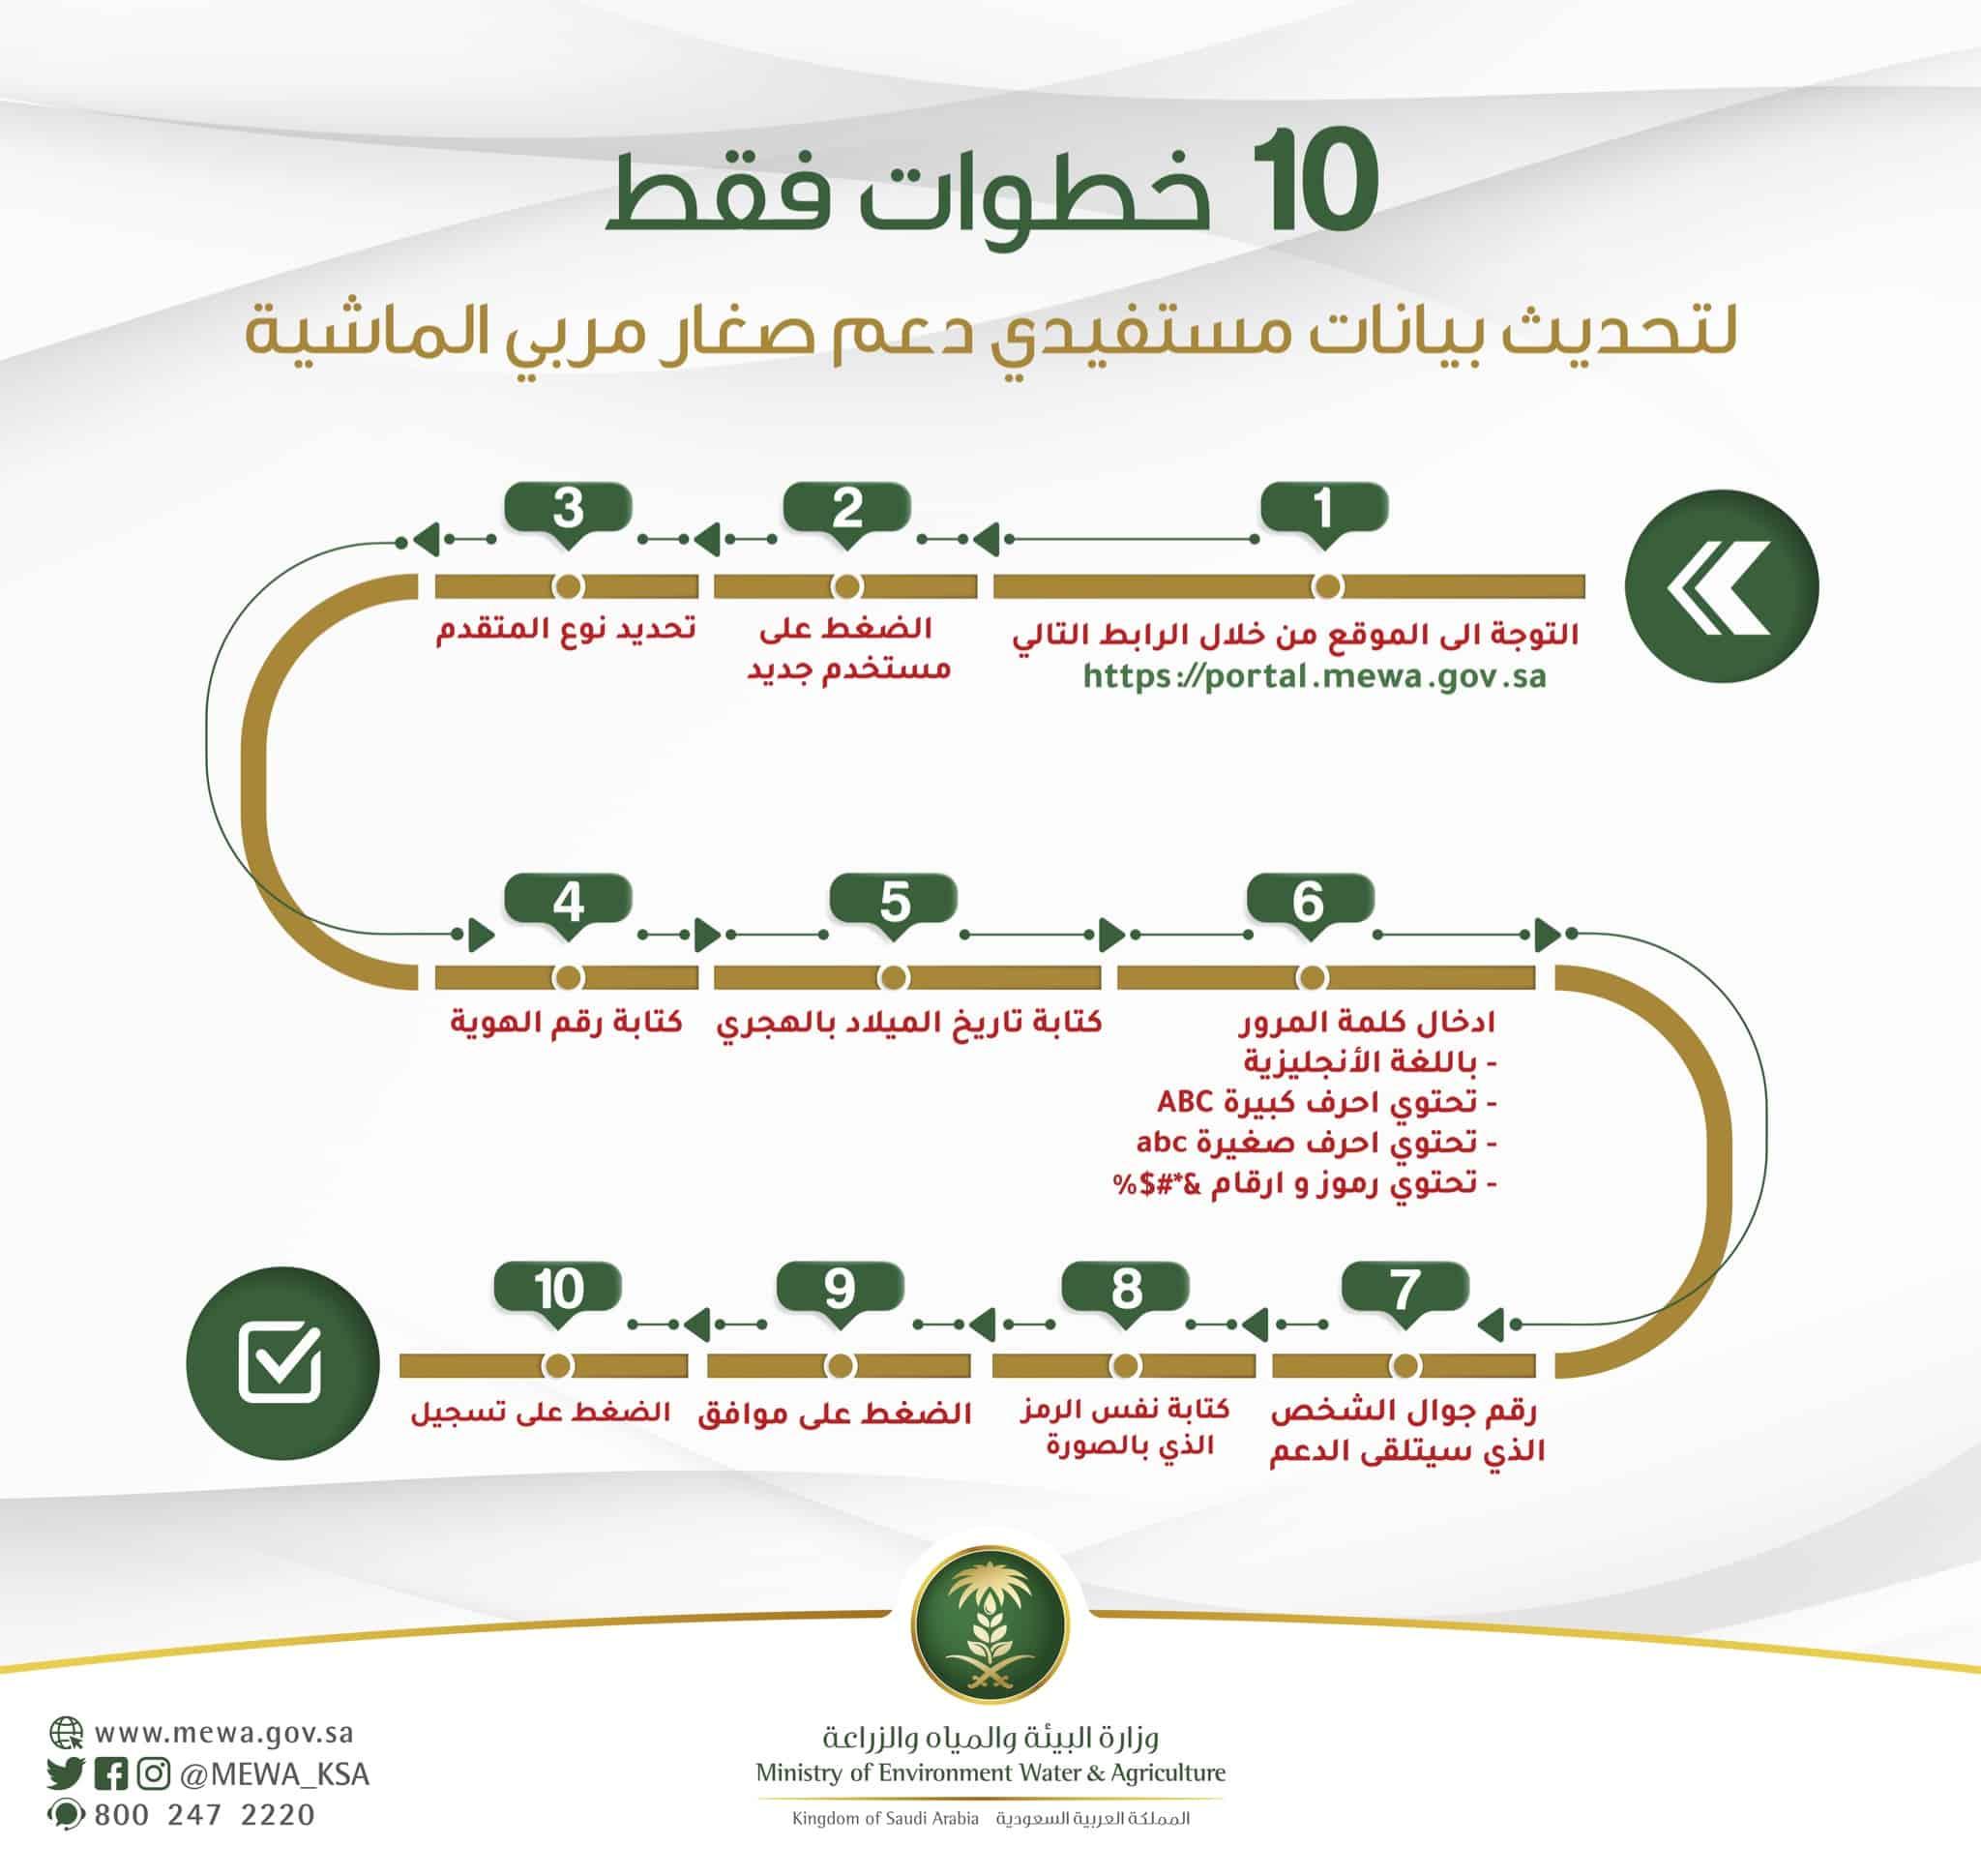 الاستعلام عن موعد إعانة المواشي وتحديث بيانات الدعم سعودية نيوز